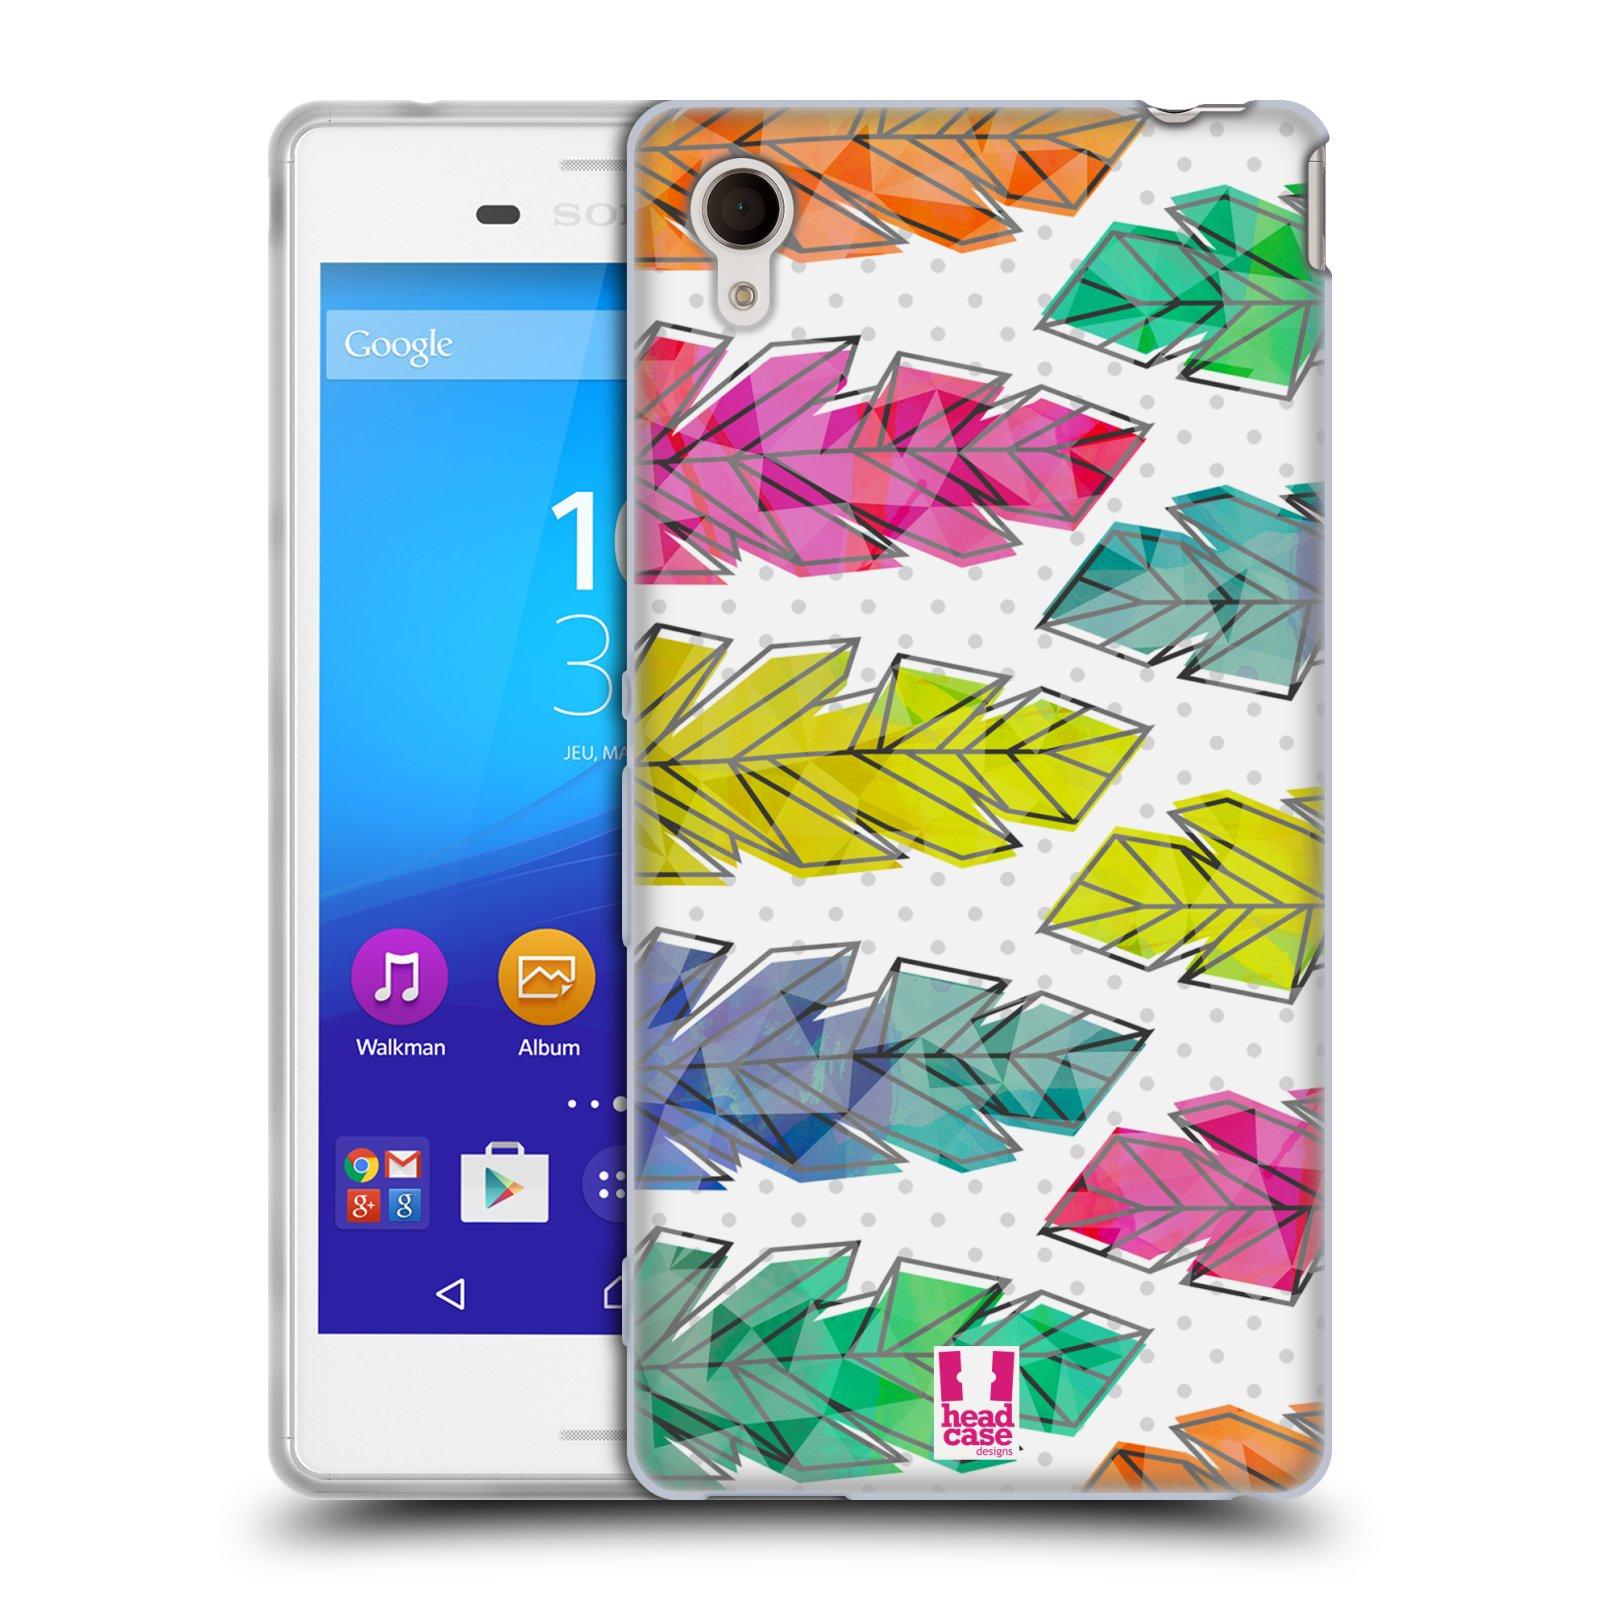 Silikonové pouzdro na mobil Sony Xperia M4 Aqua E2303 HEAD CASE PÍRKA DOODLE (Silikonový kryt či obal na mobilní telefon Sony Xperia M4 Aqua a M4 Aqua Dual SIM)